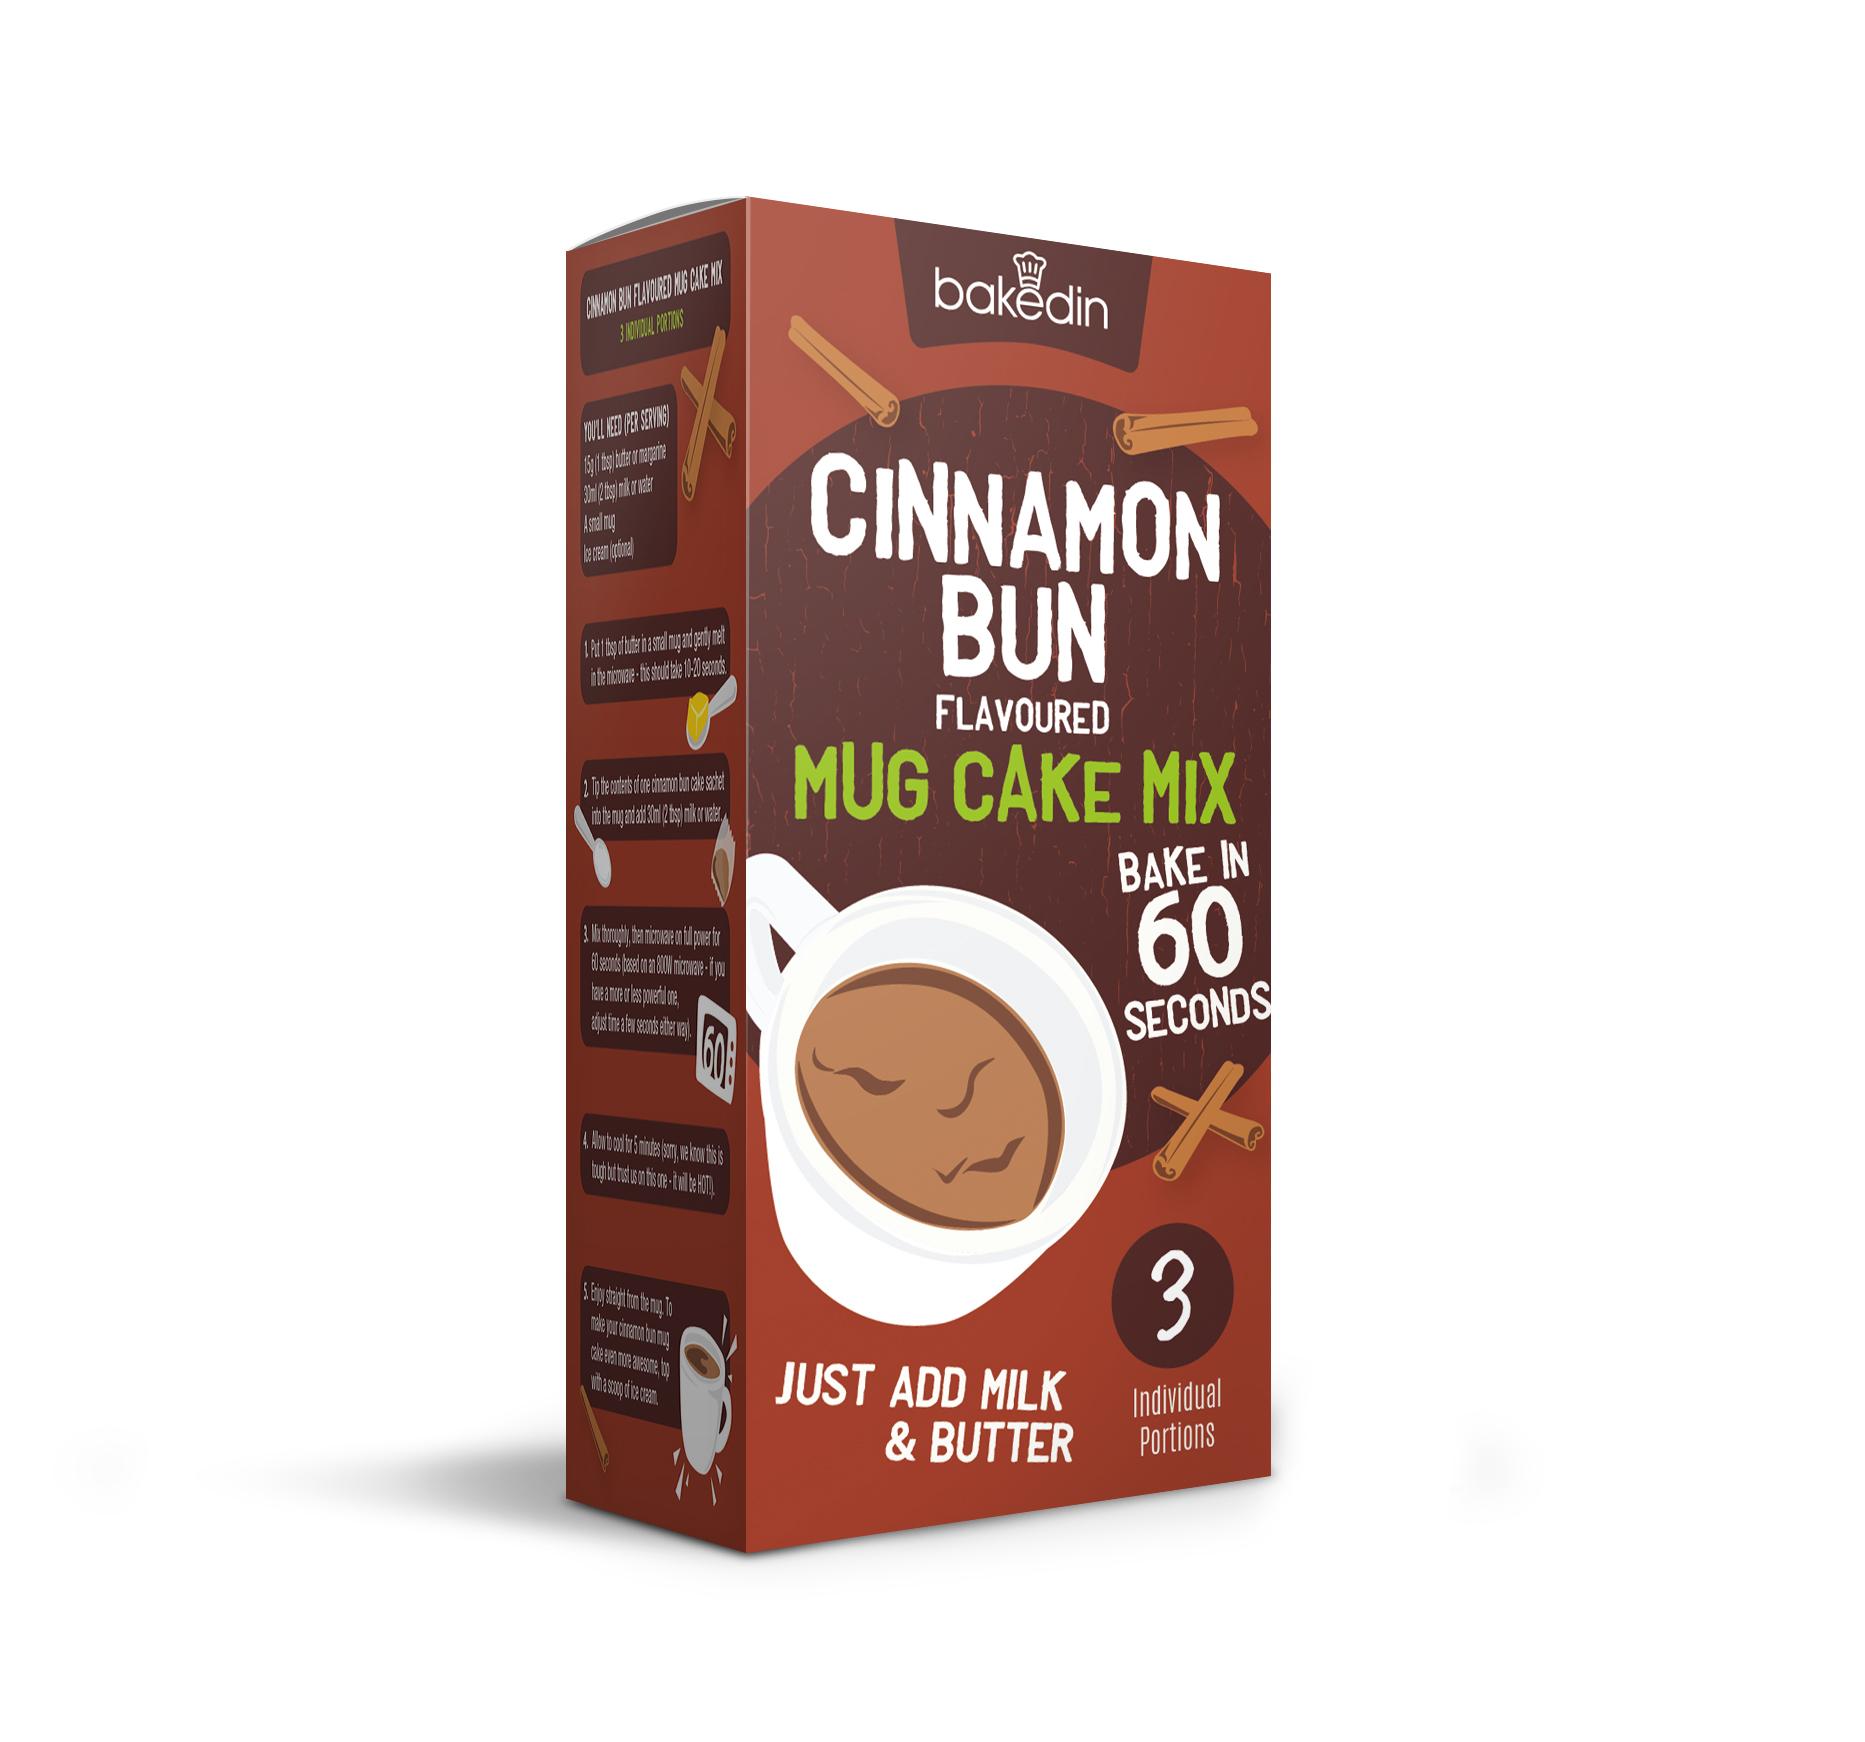 Baked In Cinnamon Bun Mug Cake Mix